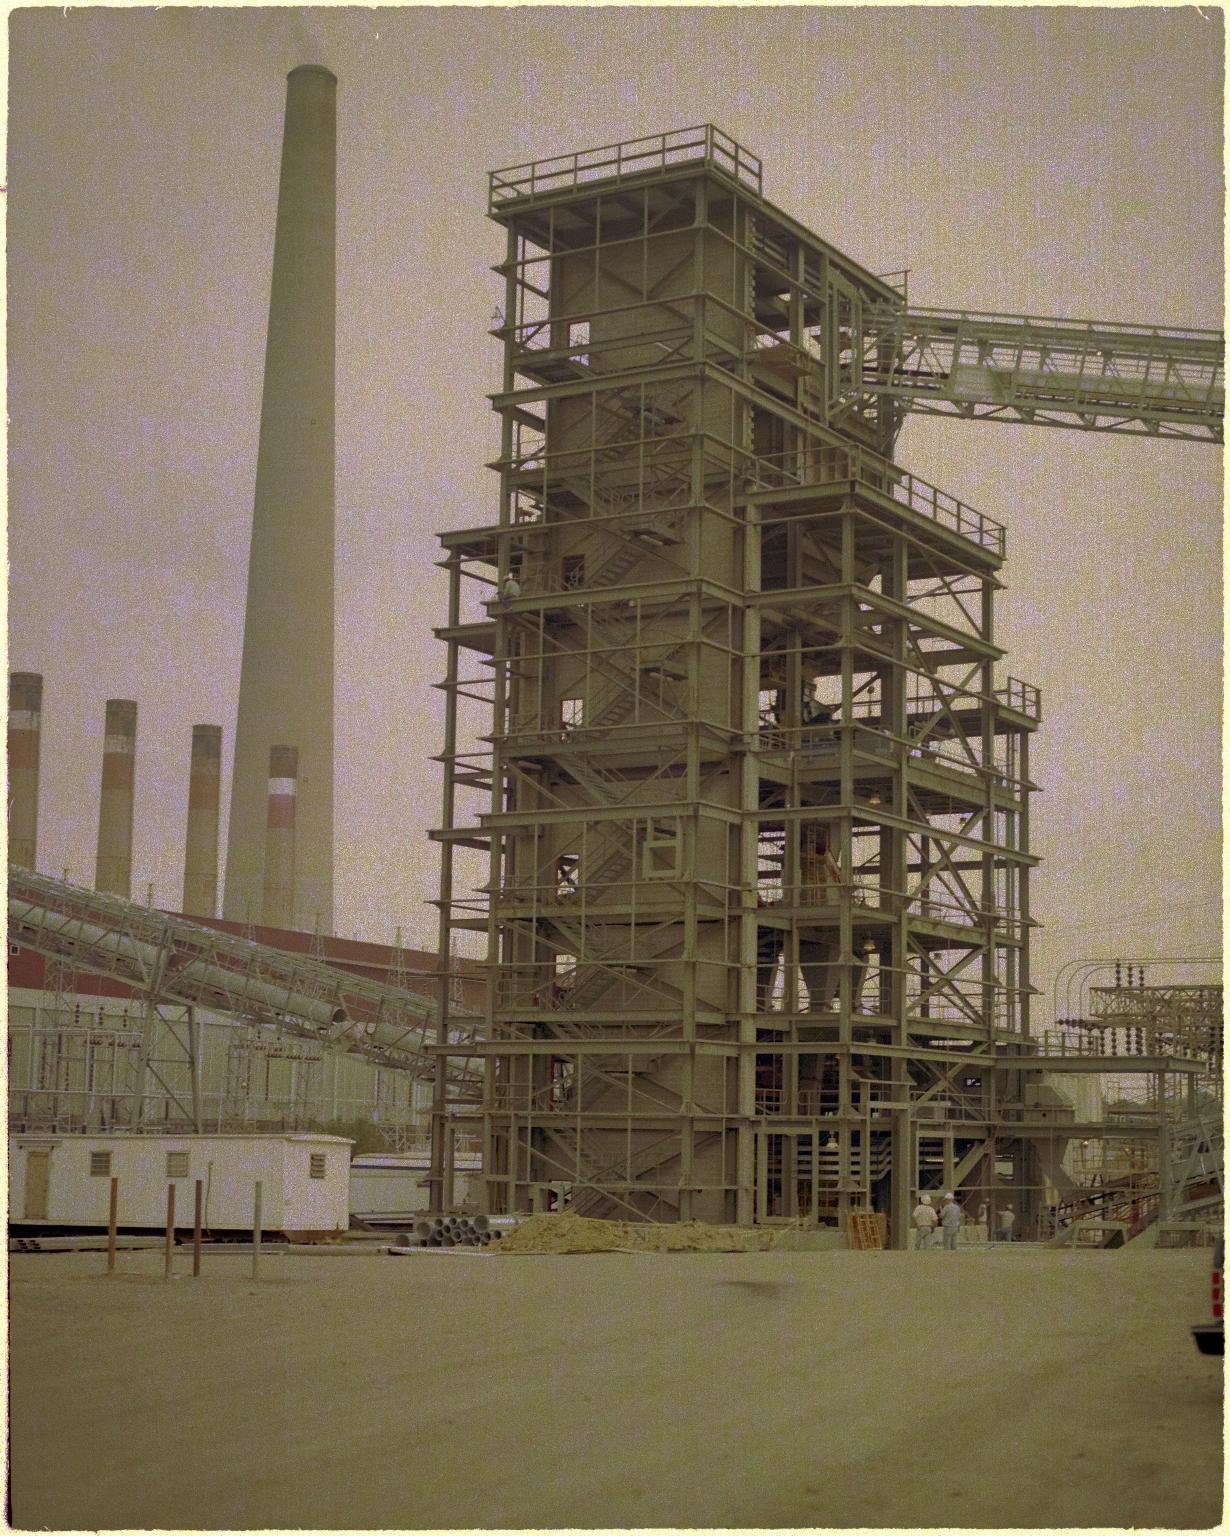 Cives Steel